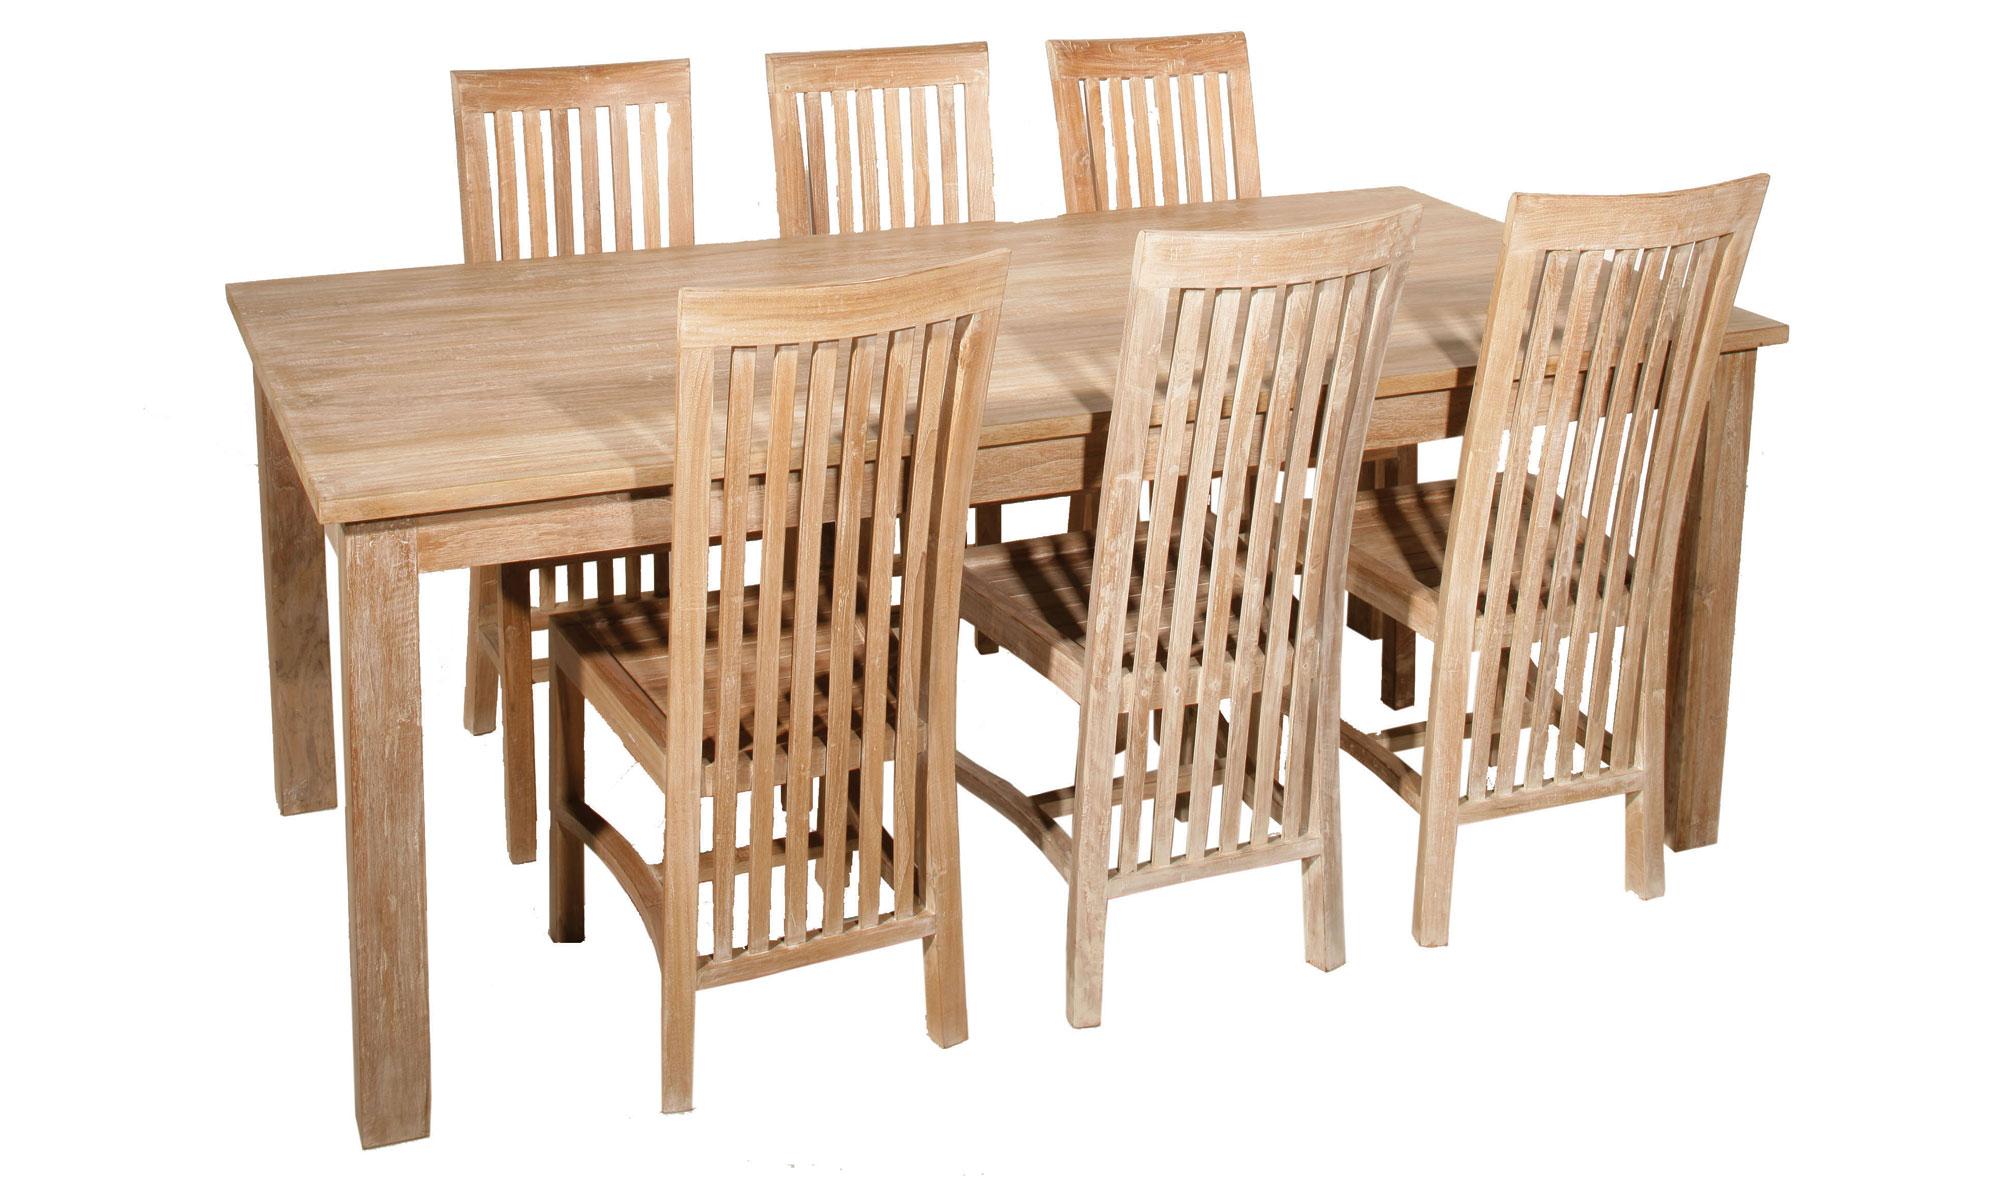 Mesa de comedor colonial madera lavada no disponible en for Muebles comedor madera